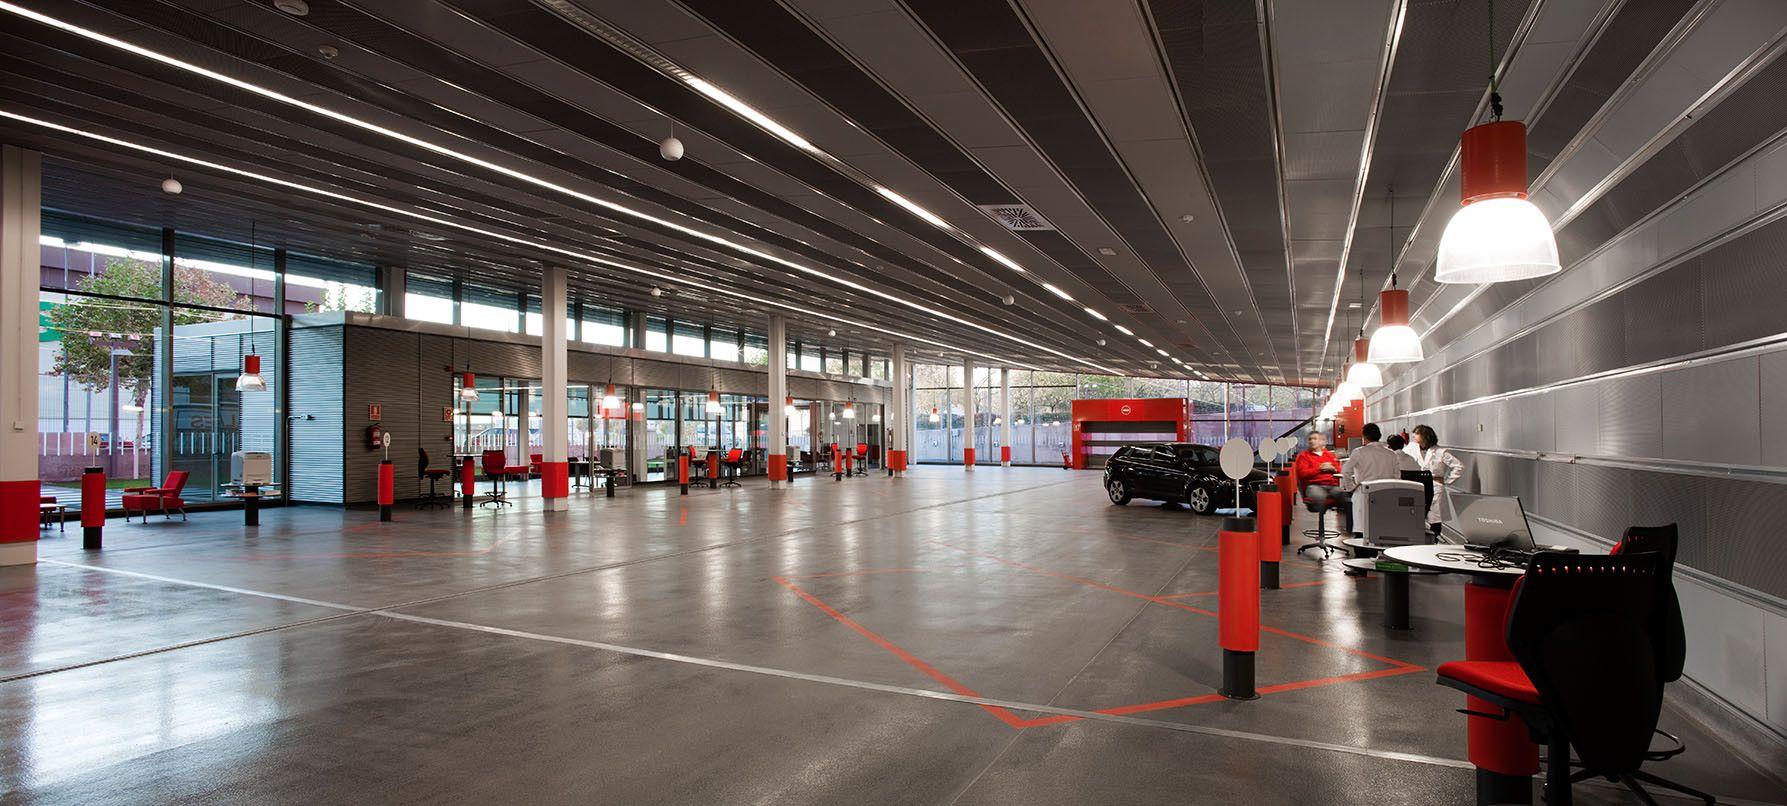 Galeria de Centro de Serviço do Automóvel / Beriot, Bernardini Arquitectos - 17